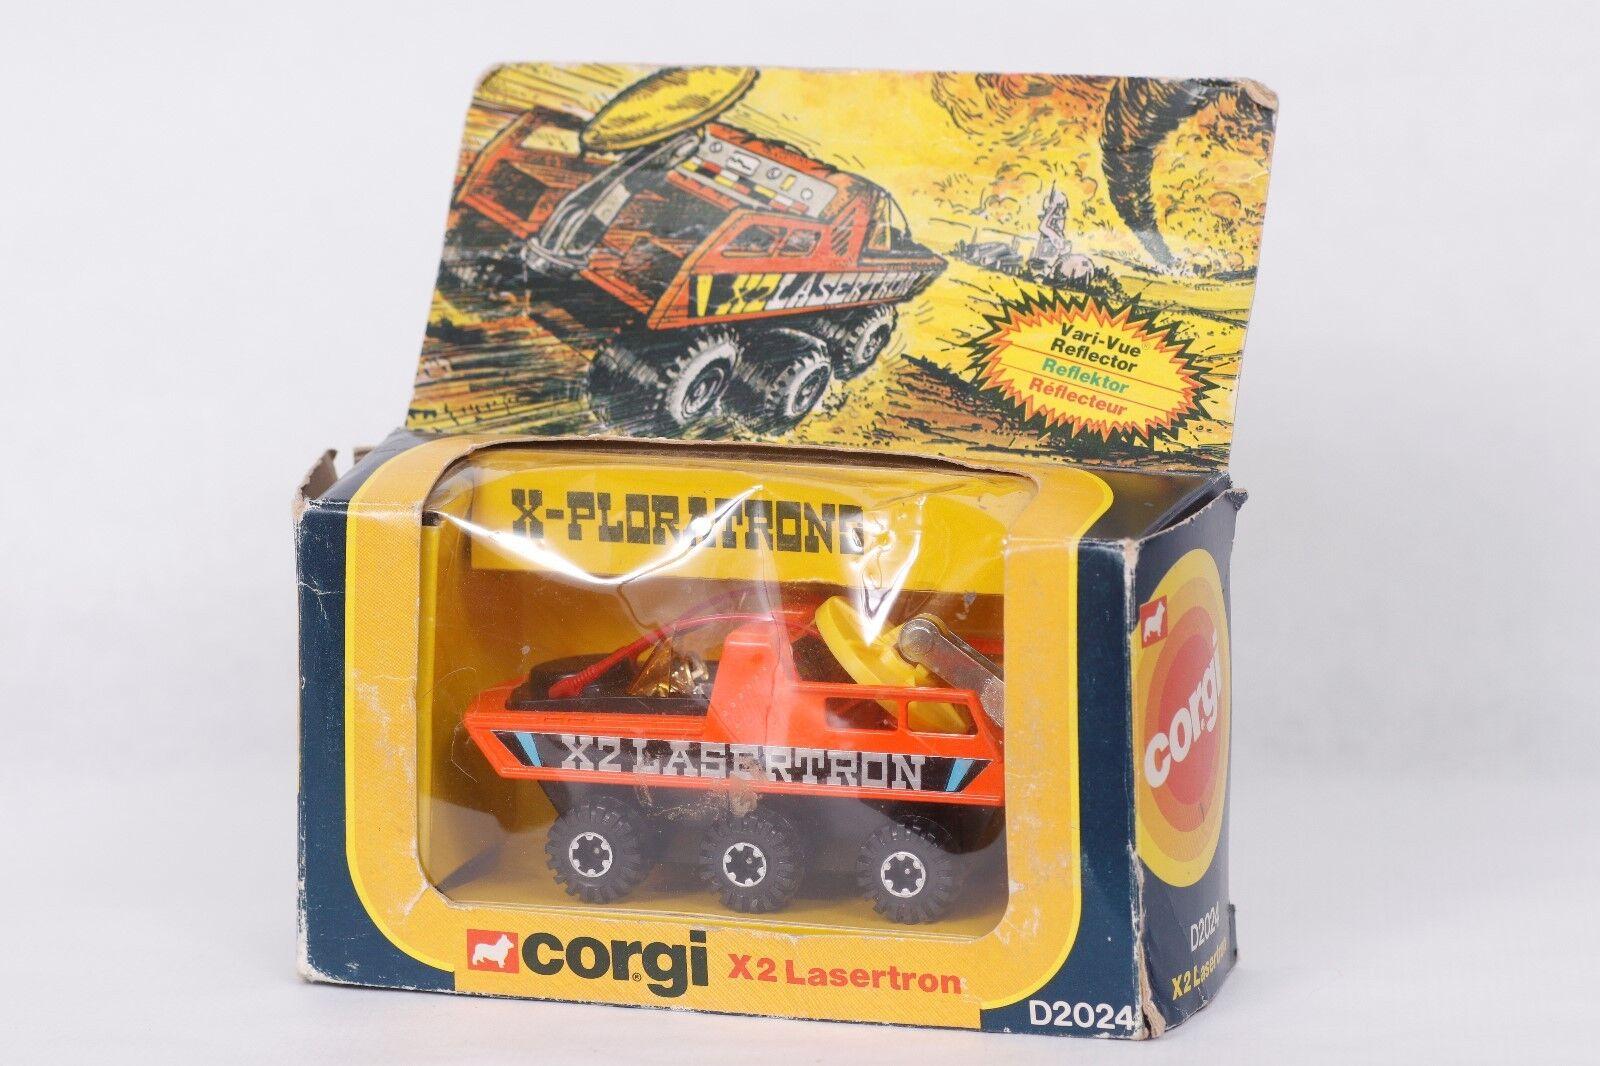 Todos los productos obtienen hasta un 34% de descuento. Corgi Corgi Corgi Juguetes  x2 Lasertron  embalaje original  Mint  nos  ahorrar en el despacho